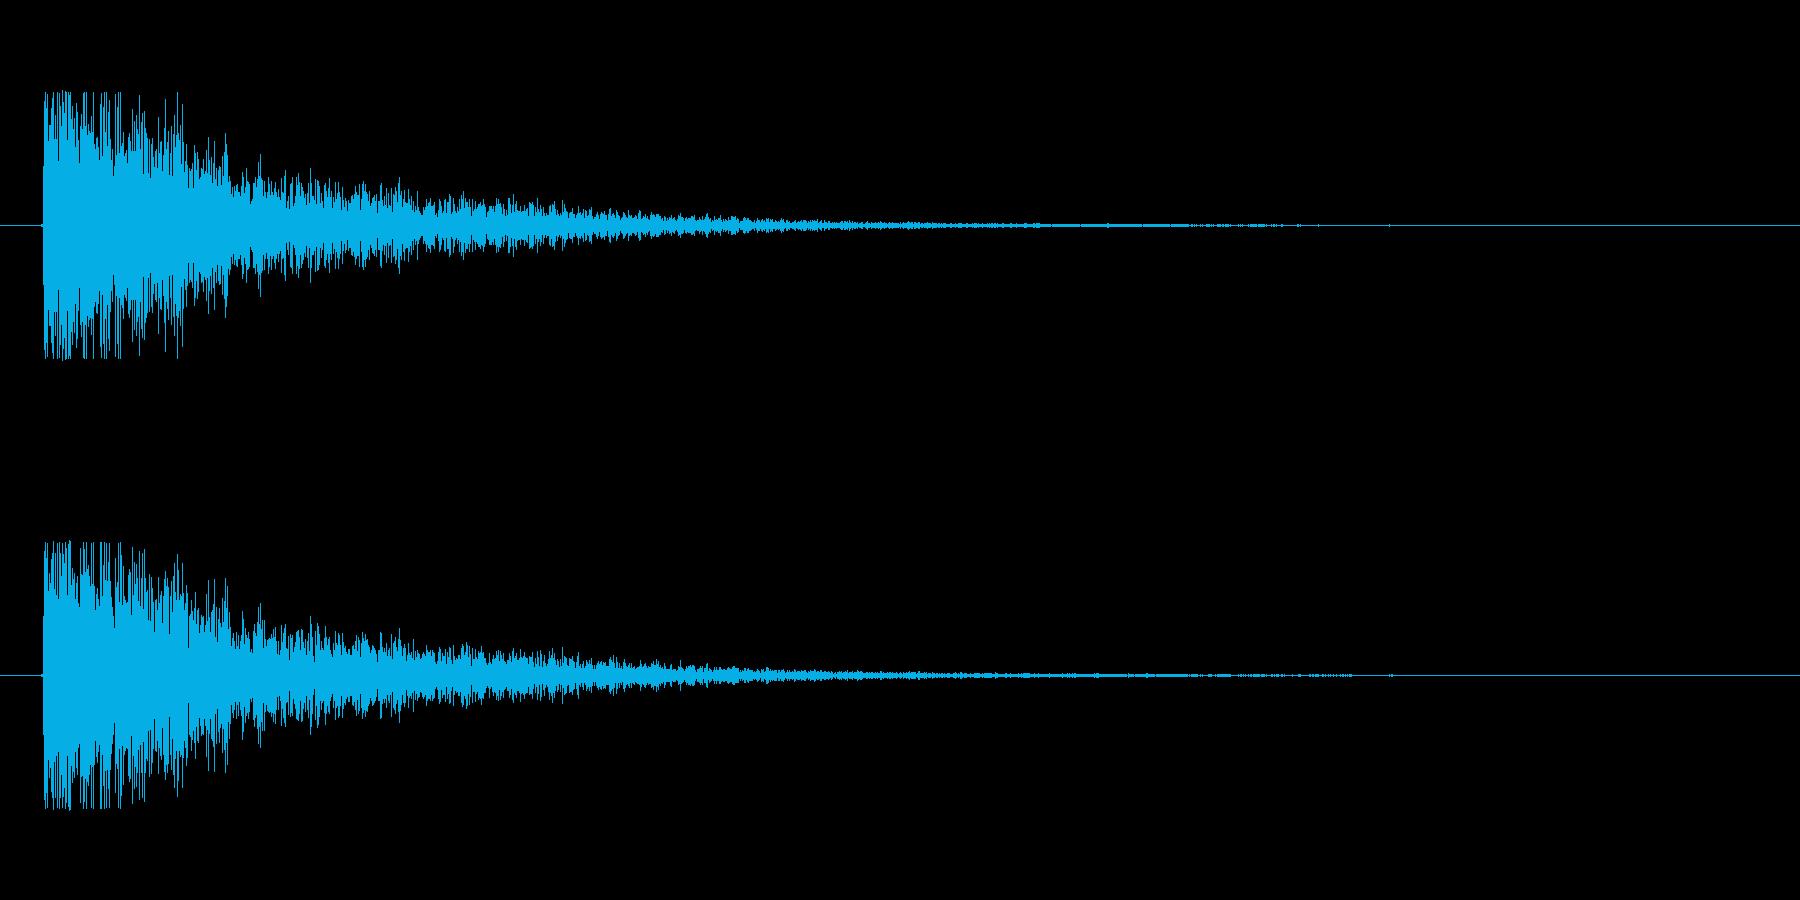 【大砲01-5】の再生済みの波形